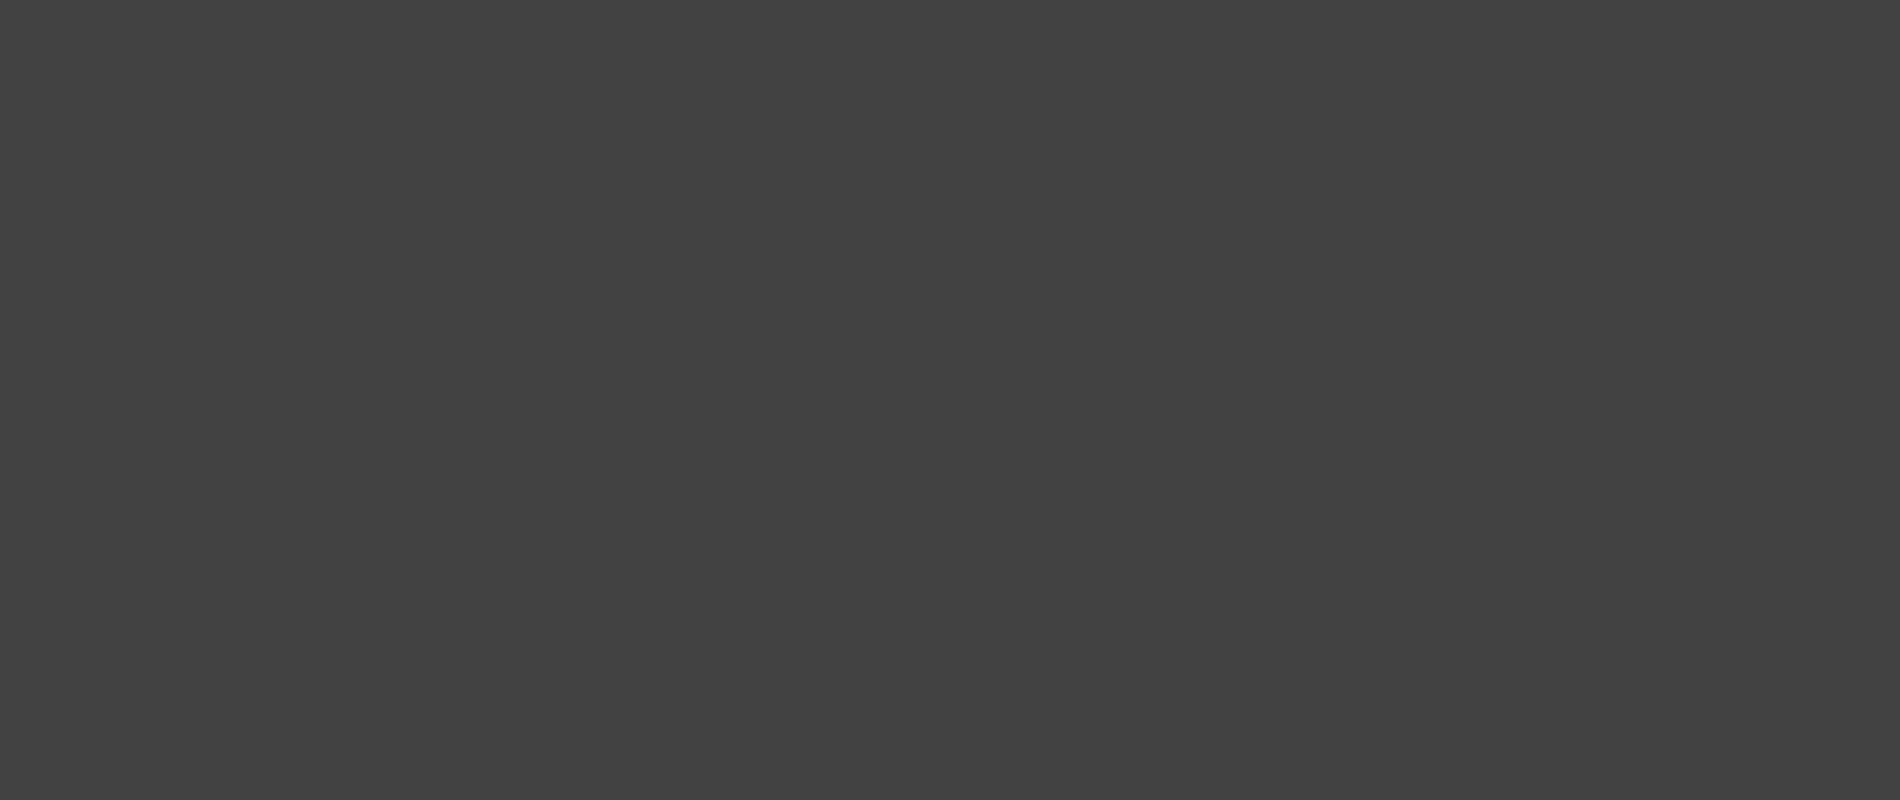 Blanditiis praesentium